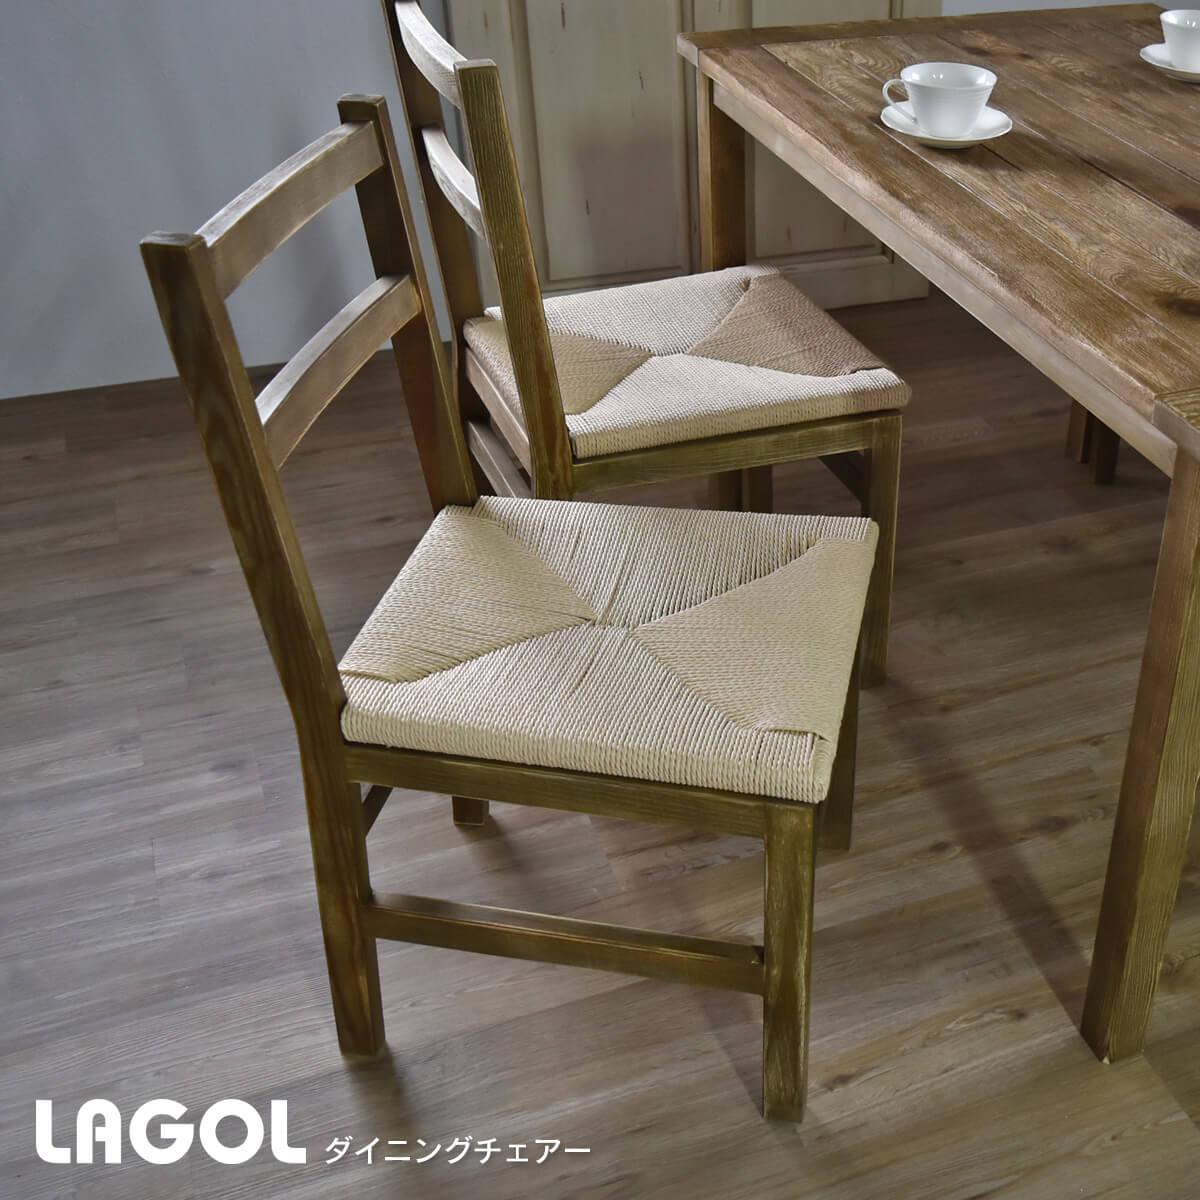 【送料無料】 LAGOL ダイニングチェアー カフェ 天然木 アンティーク 古材 木製 おしゃれ デザイン LADC-43